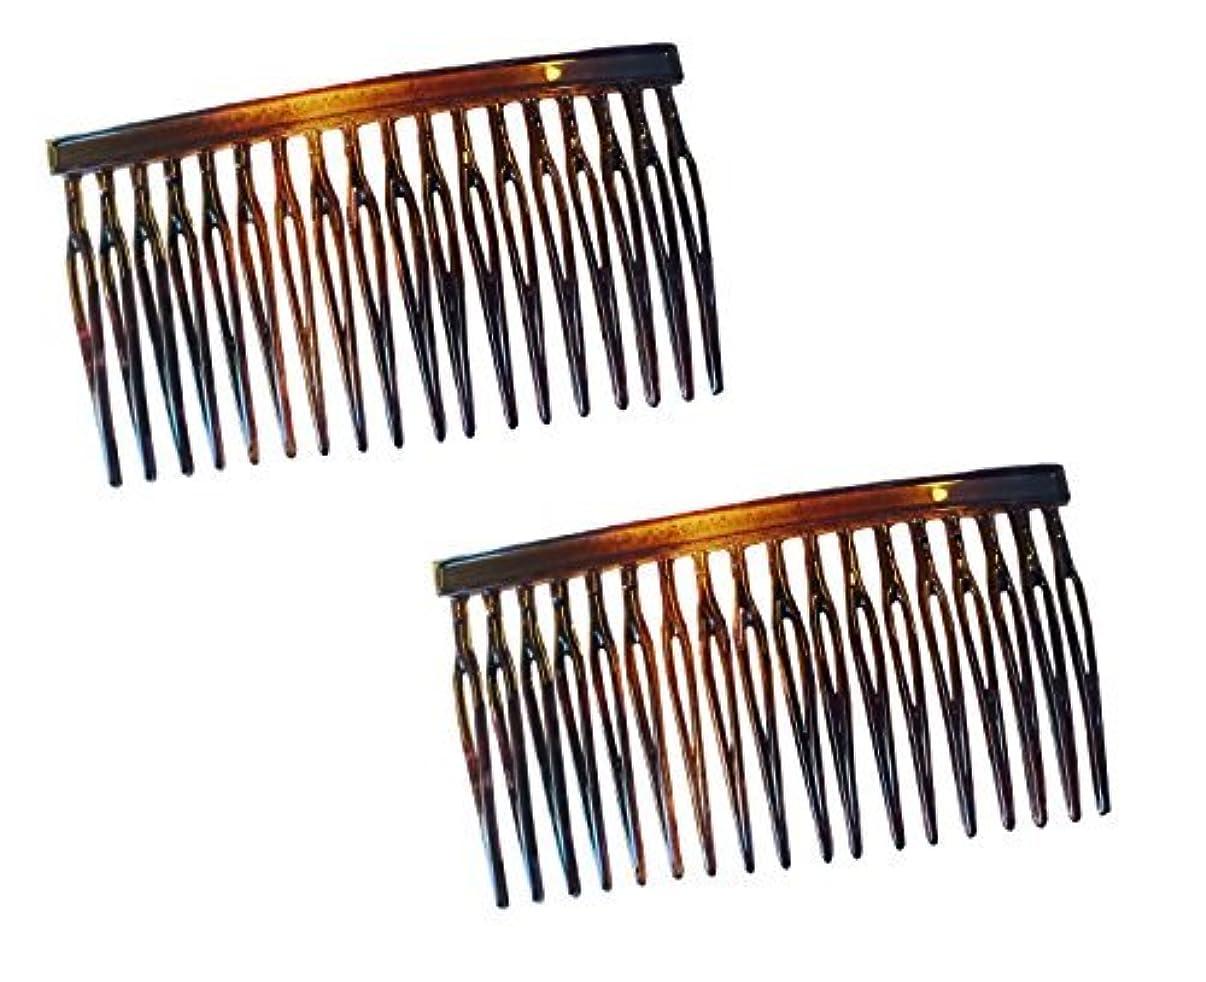 ためらう代わりの専門知識Parcelona French Light 2 Pieces Small Glossy Celluloid Shell Good Grip Updo 18 Teeth Side Hair Comb Combs [並行輸入品]